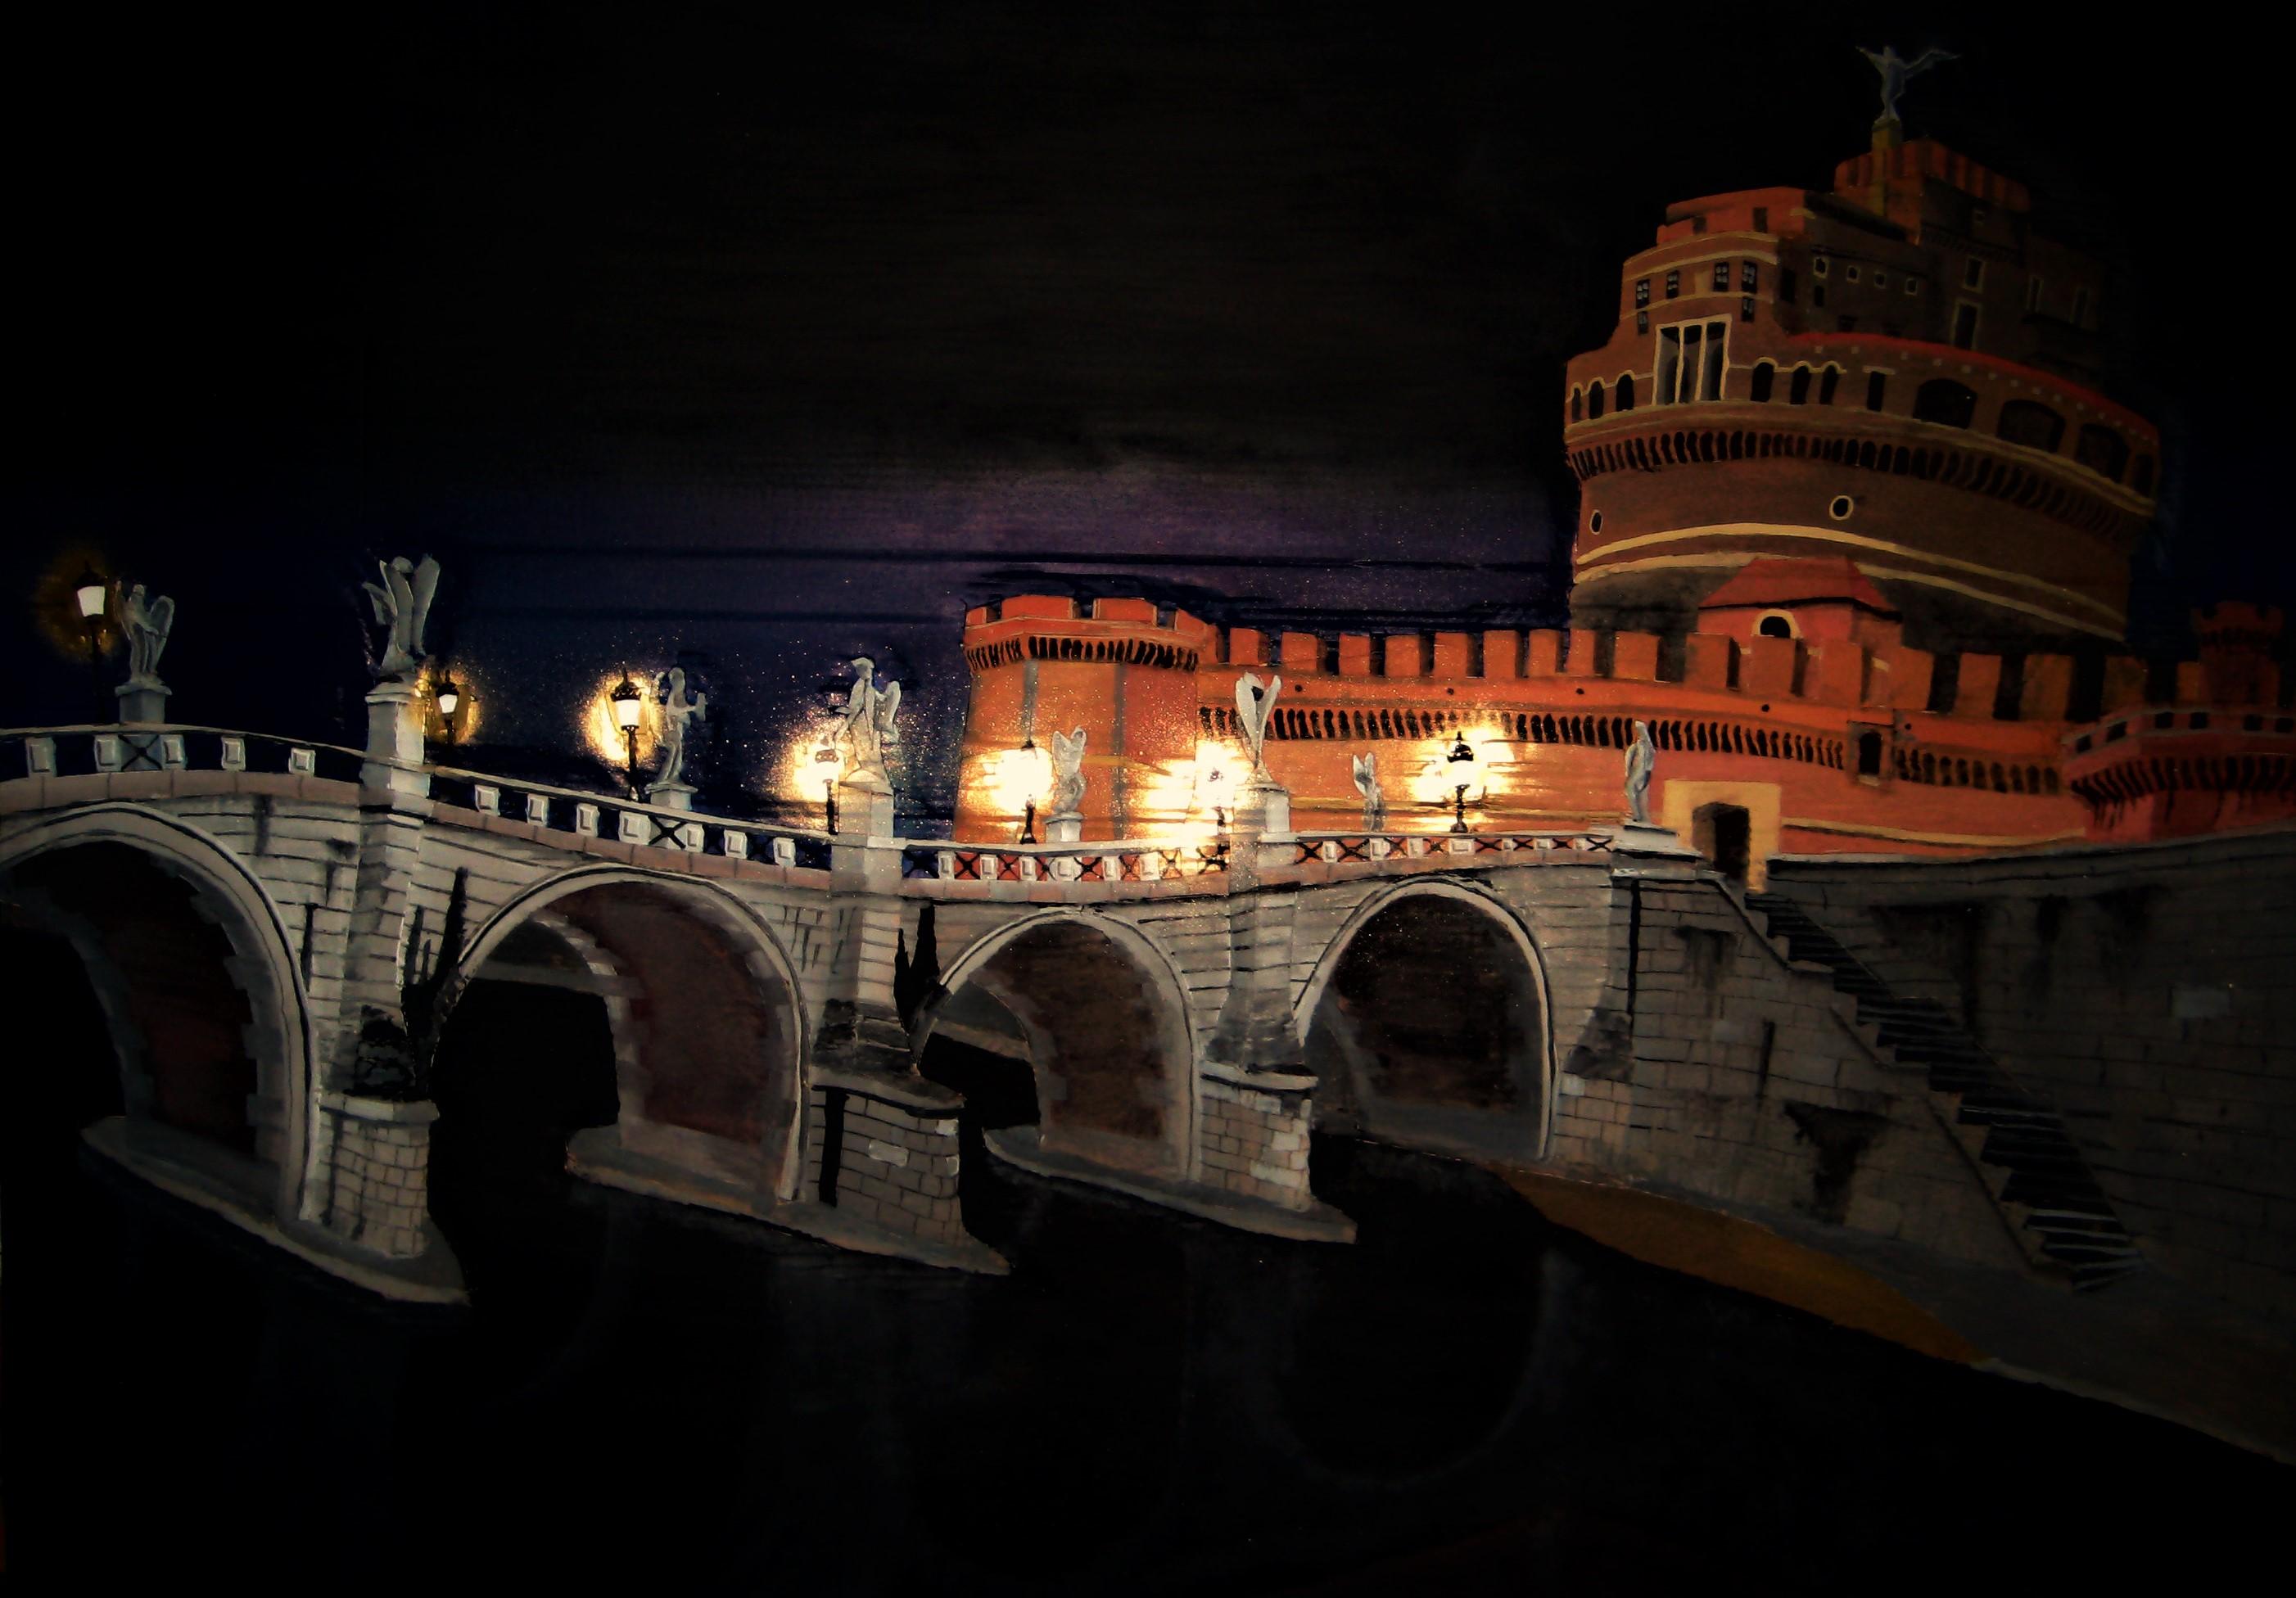 Roma. Ponte Sant'Angelo. Técnica mixta (Cartón, óleo, plástico, luces, spray y cola sobre tabla) 1 x 1'40 m. 2009